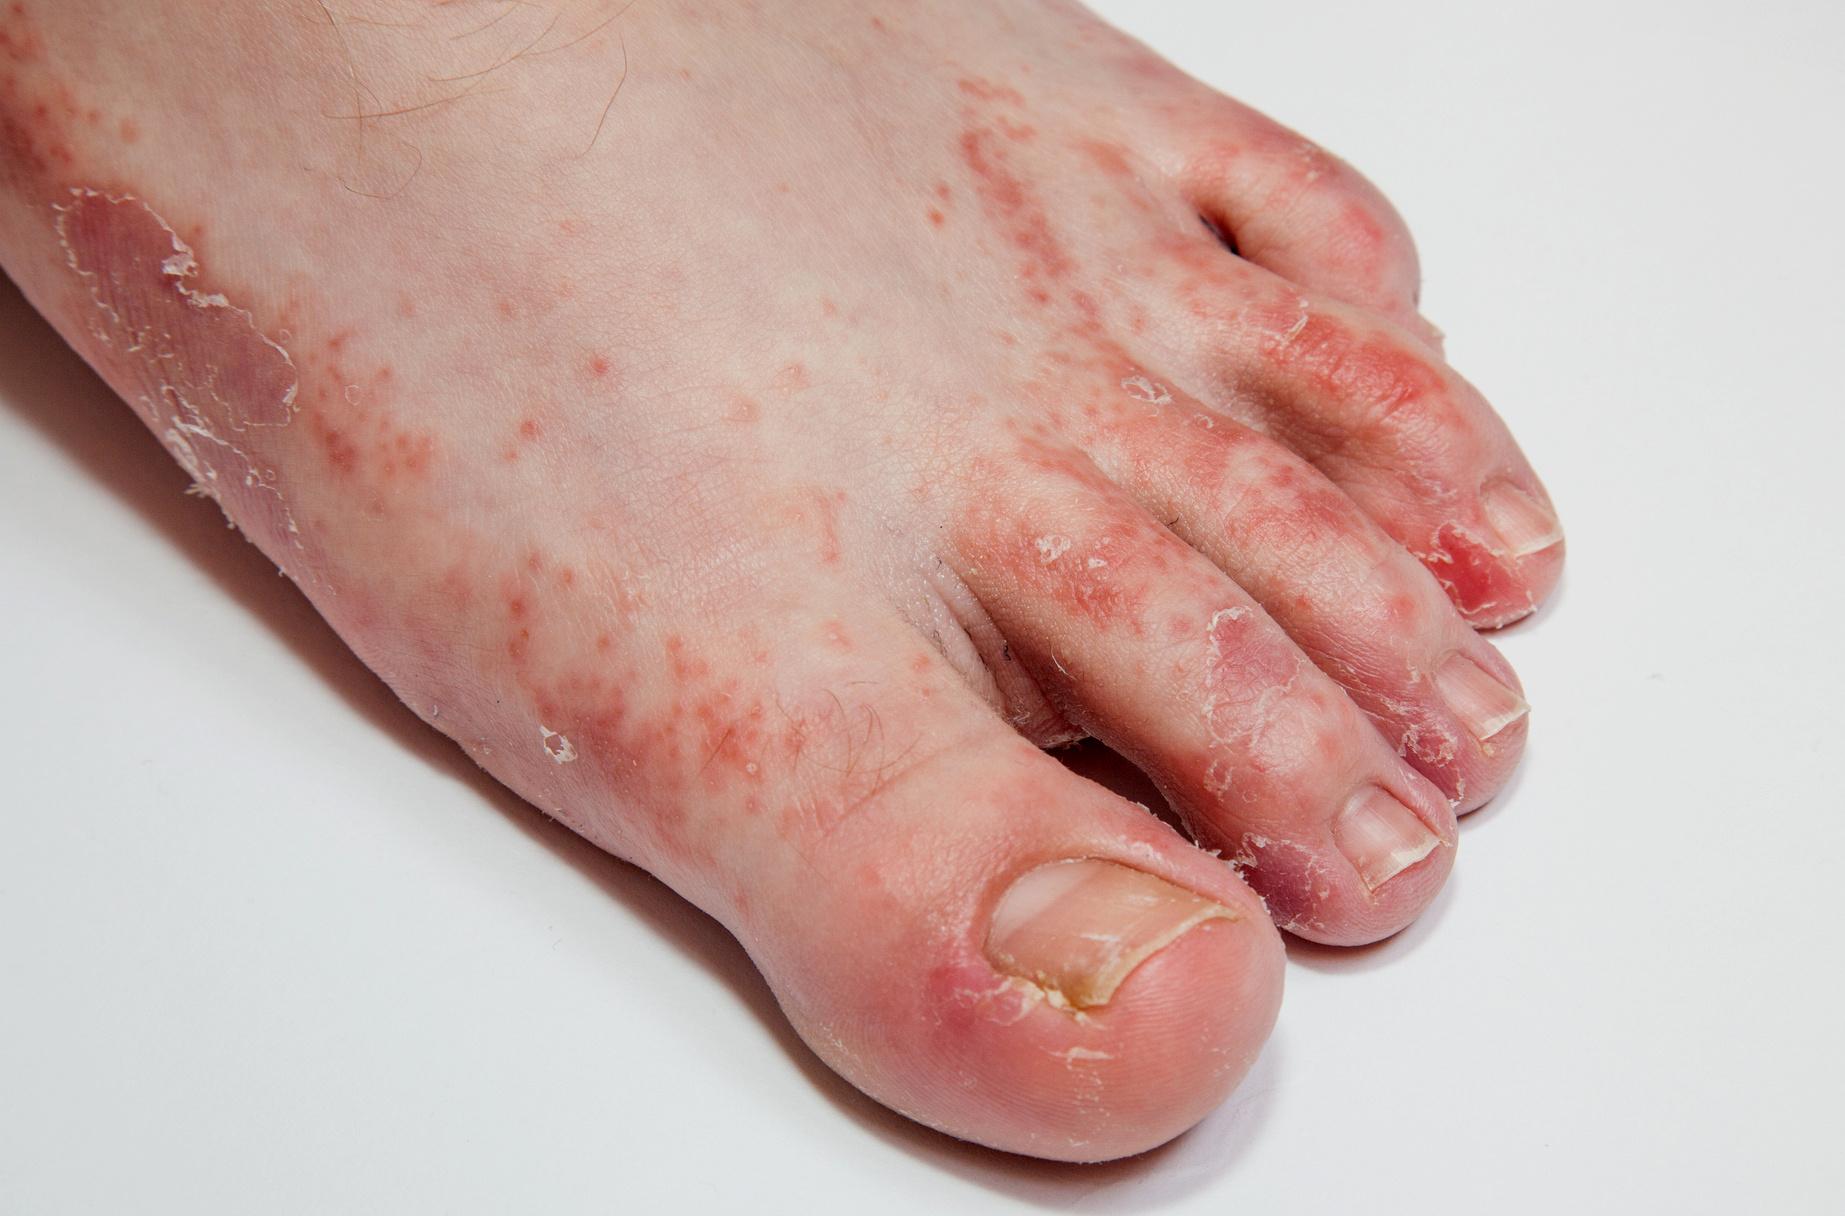 hogyan kell kezelni a lábán lévő vörös foltokat a gombától)